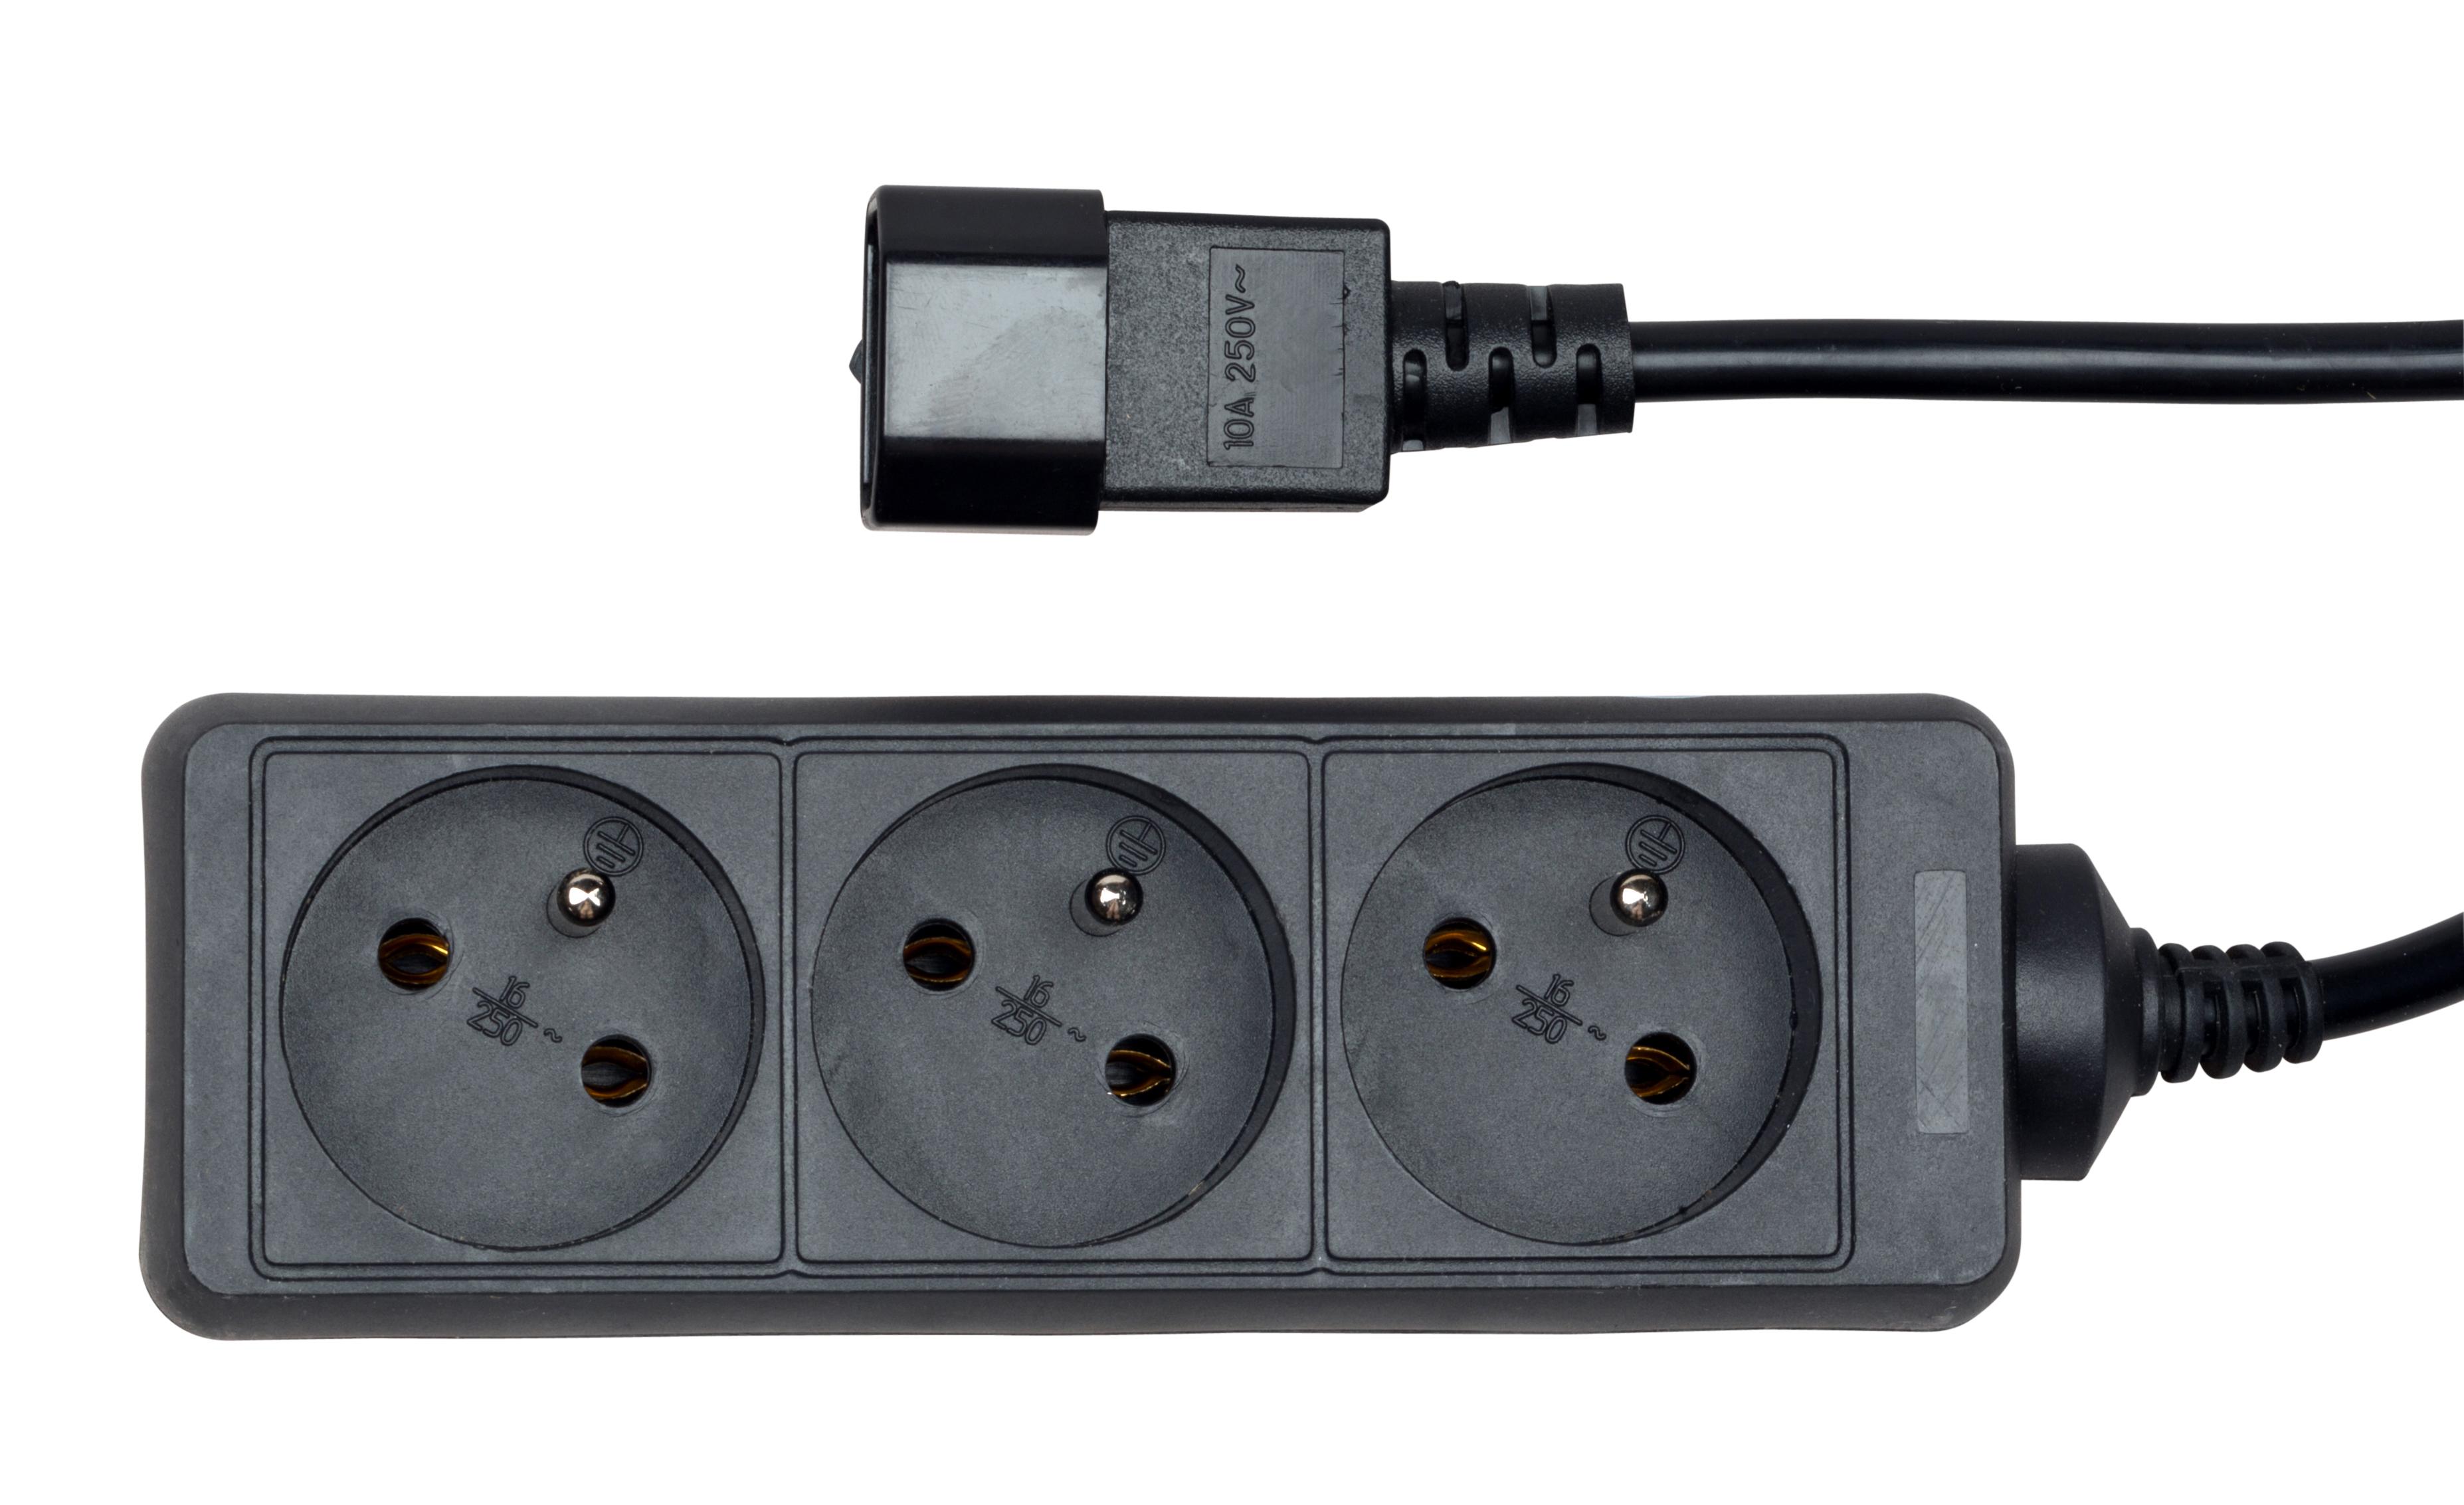 1 Stk Netzleiste für USV, 3x UTE, 10A, 1.1m Kabel, schwarz Q7533061--